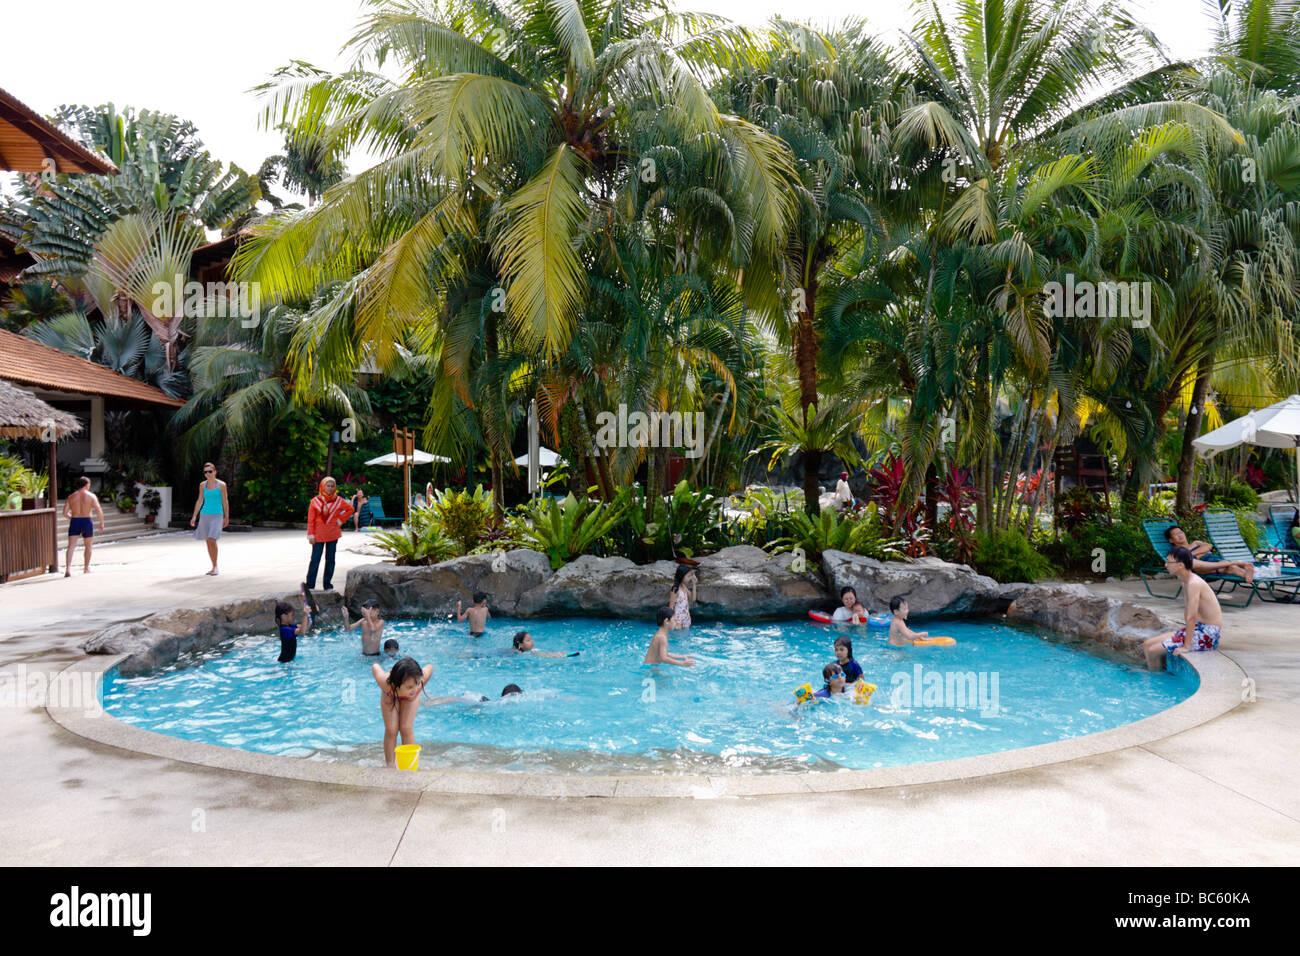 Hotel swimming pool in damai laut lumut malaysia stock - Swimming pool specialist malaysia ...